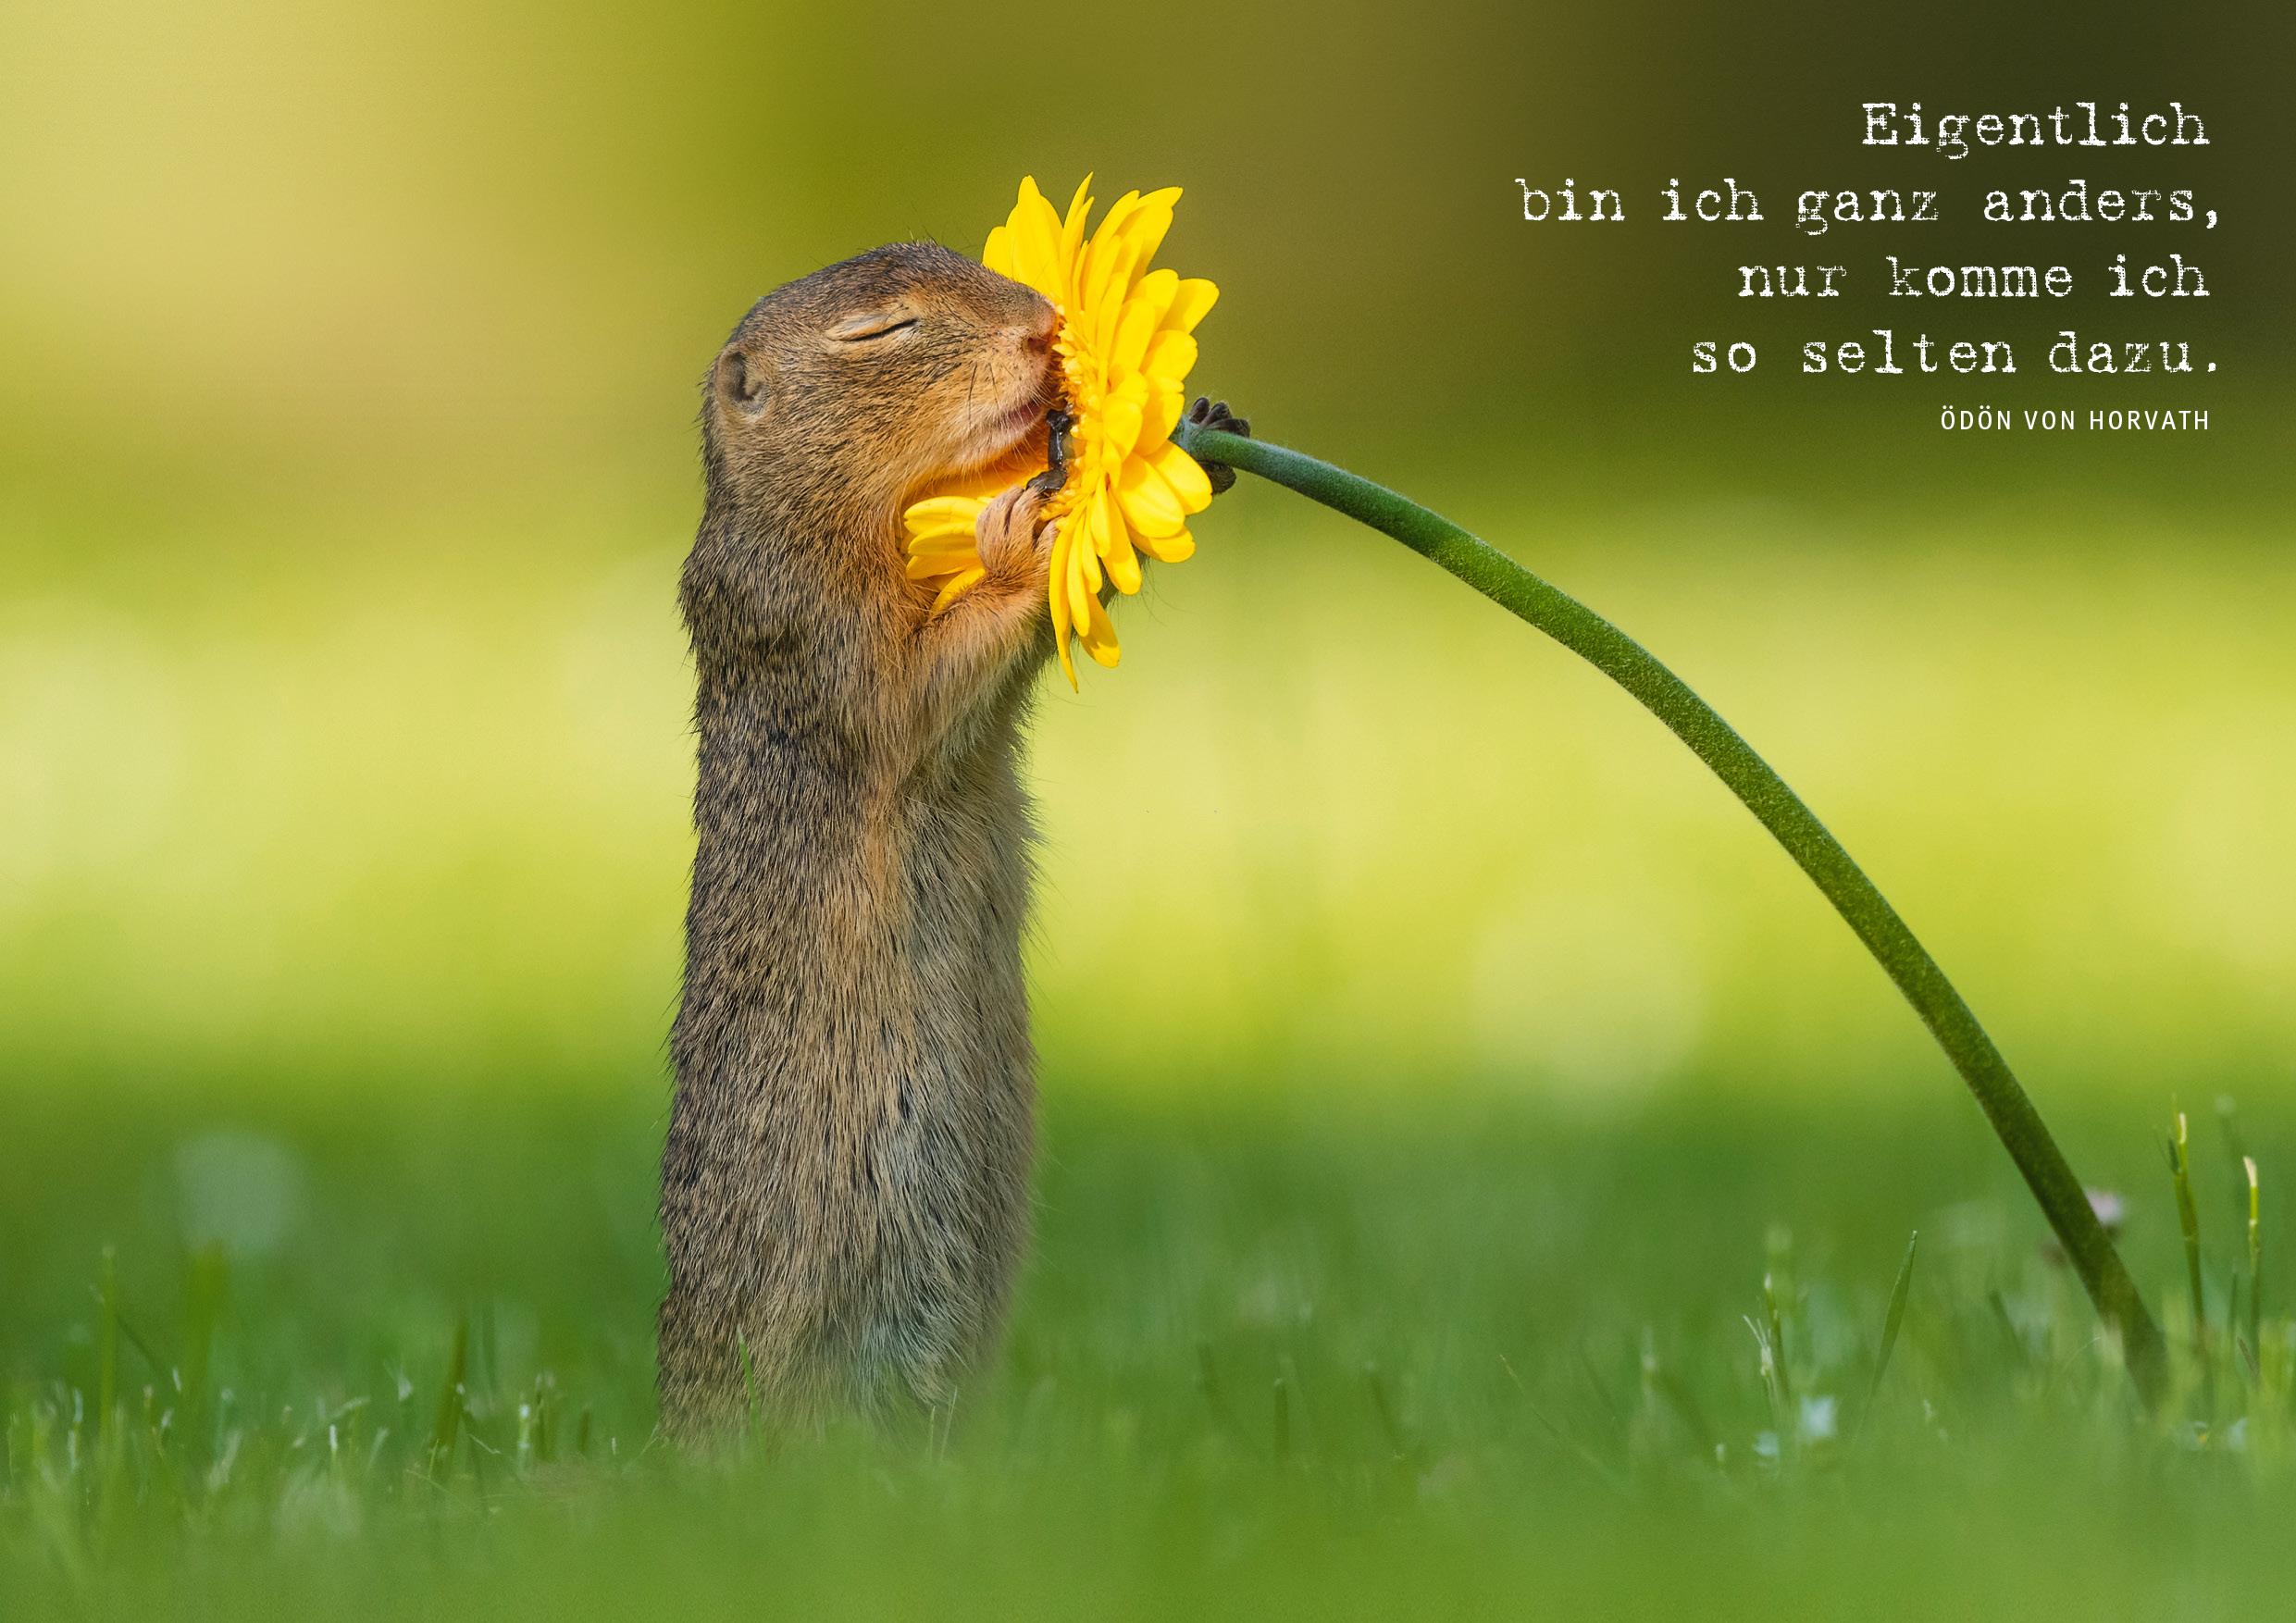 Die Postkarte zeigt ein Erdhörnchen auf einer Frühlingswiese, das an einer Gerbera riecht.